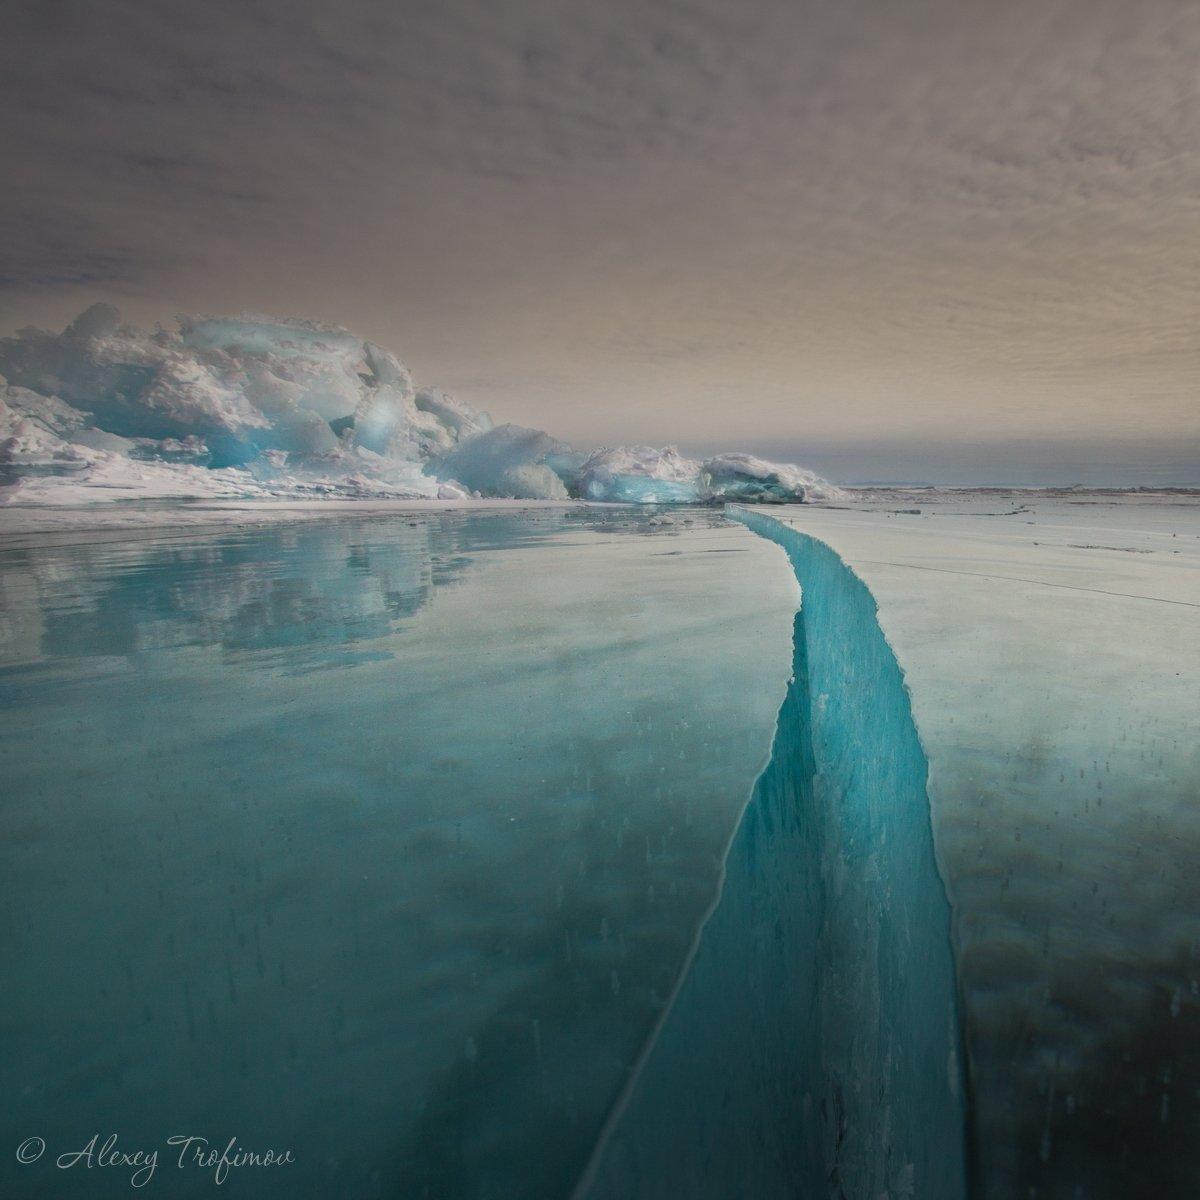 байкал, пейзаж, лед, трещина, торос, байкальский лед, Алексей Трофимов